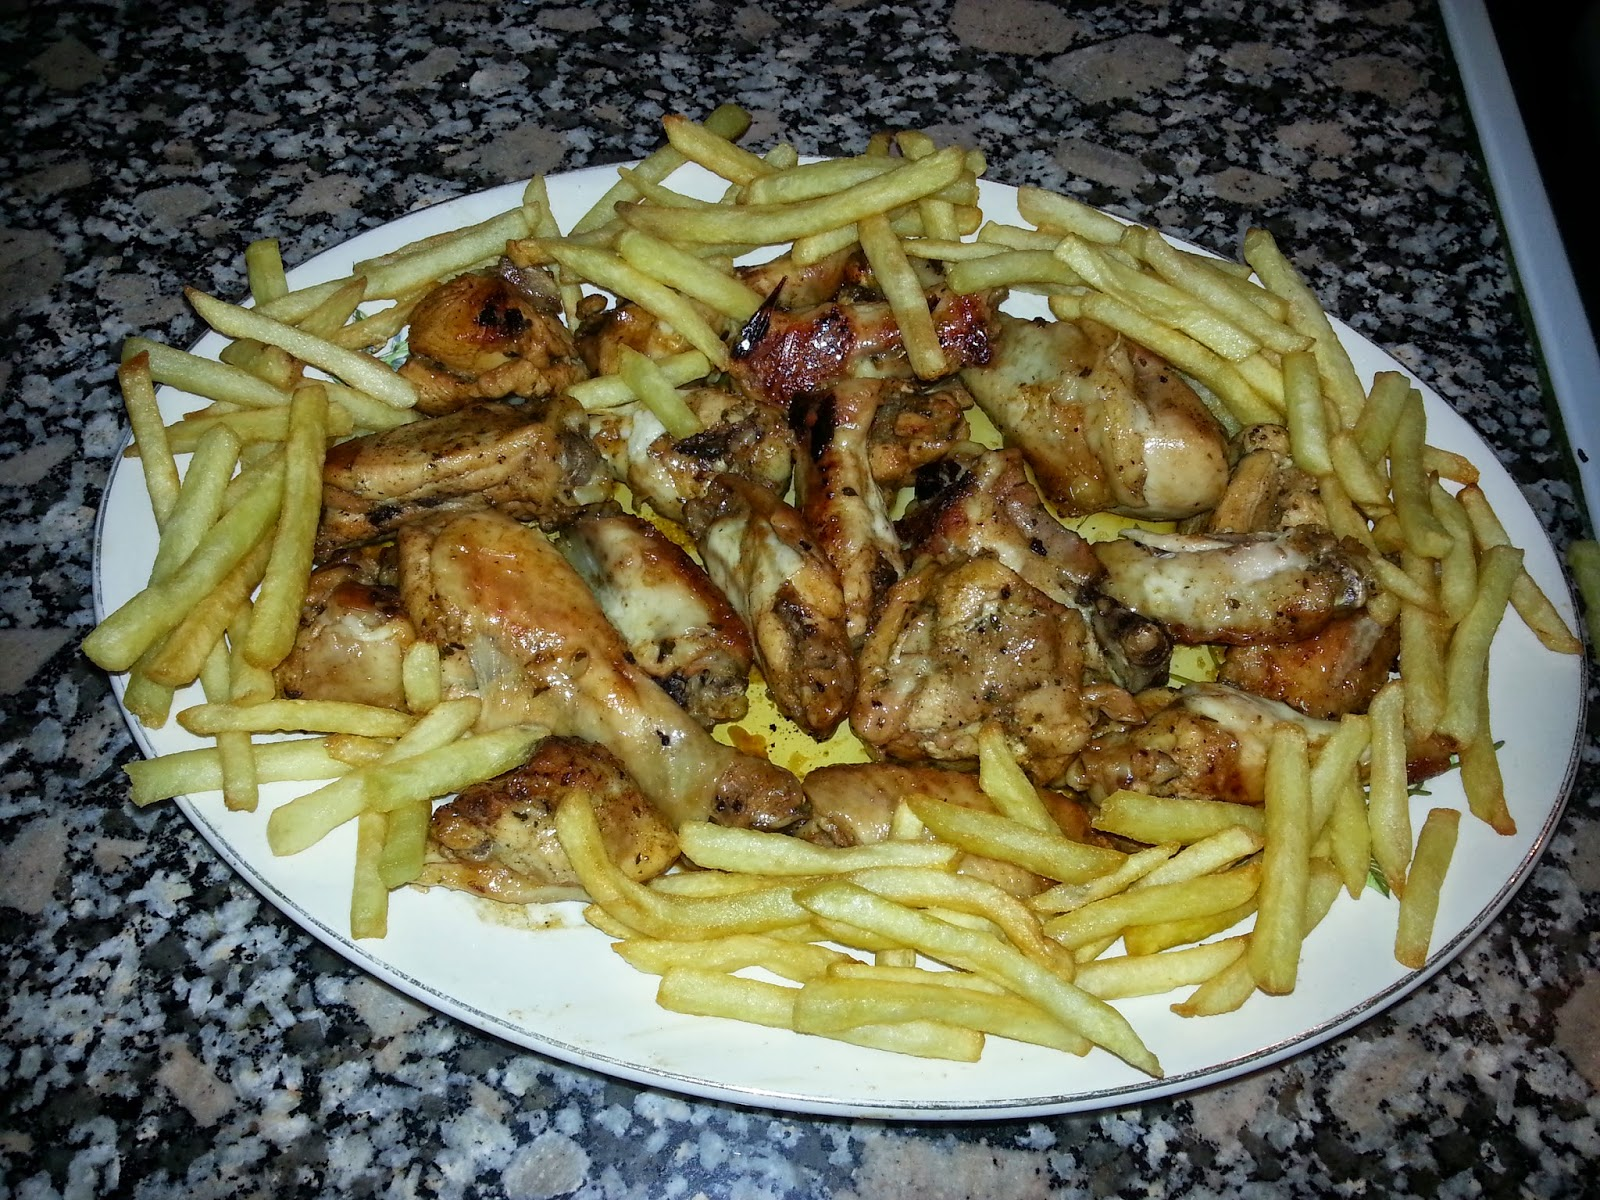 Recetas de toda la vida cocinar sencillo como me ense - Como cocinar pollo al horno ...